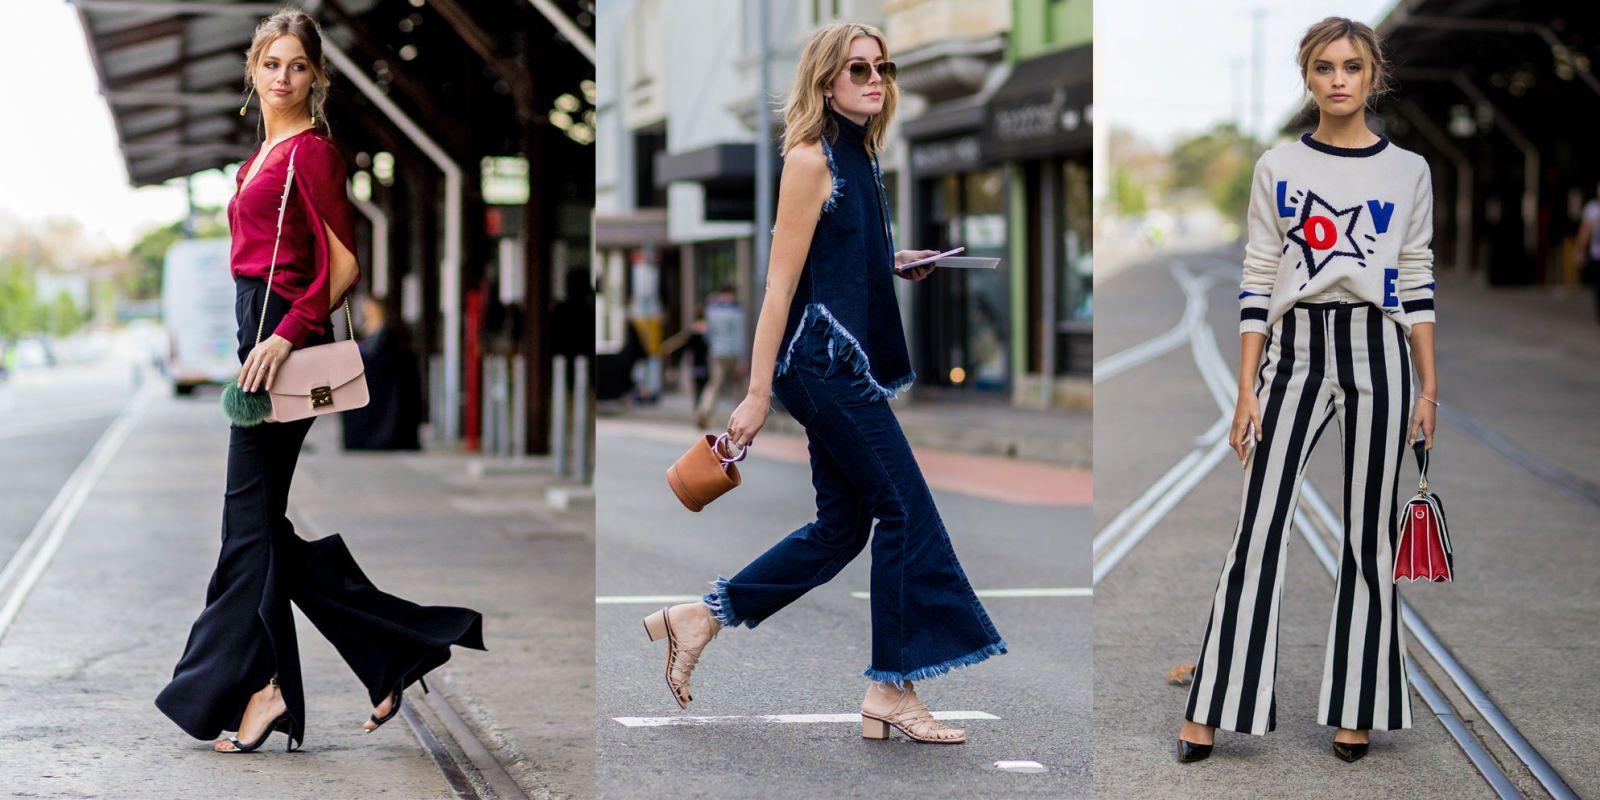 Favorito Pantaloni a zampa: 6 stili glam per la moda estate 2016 EU63